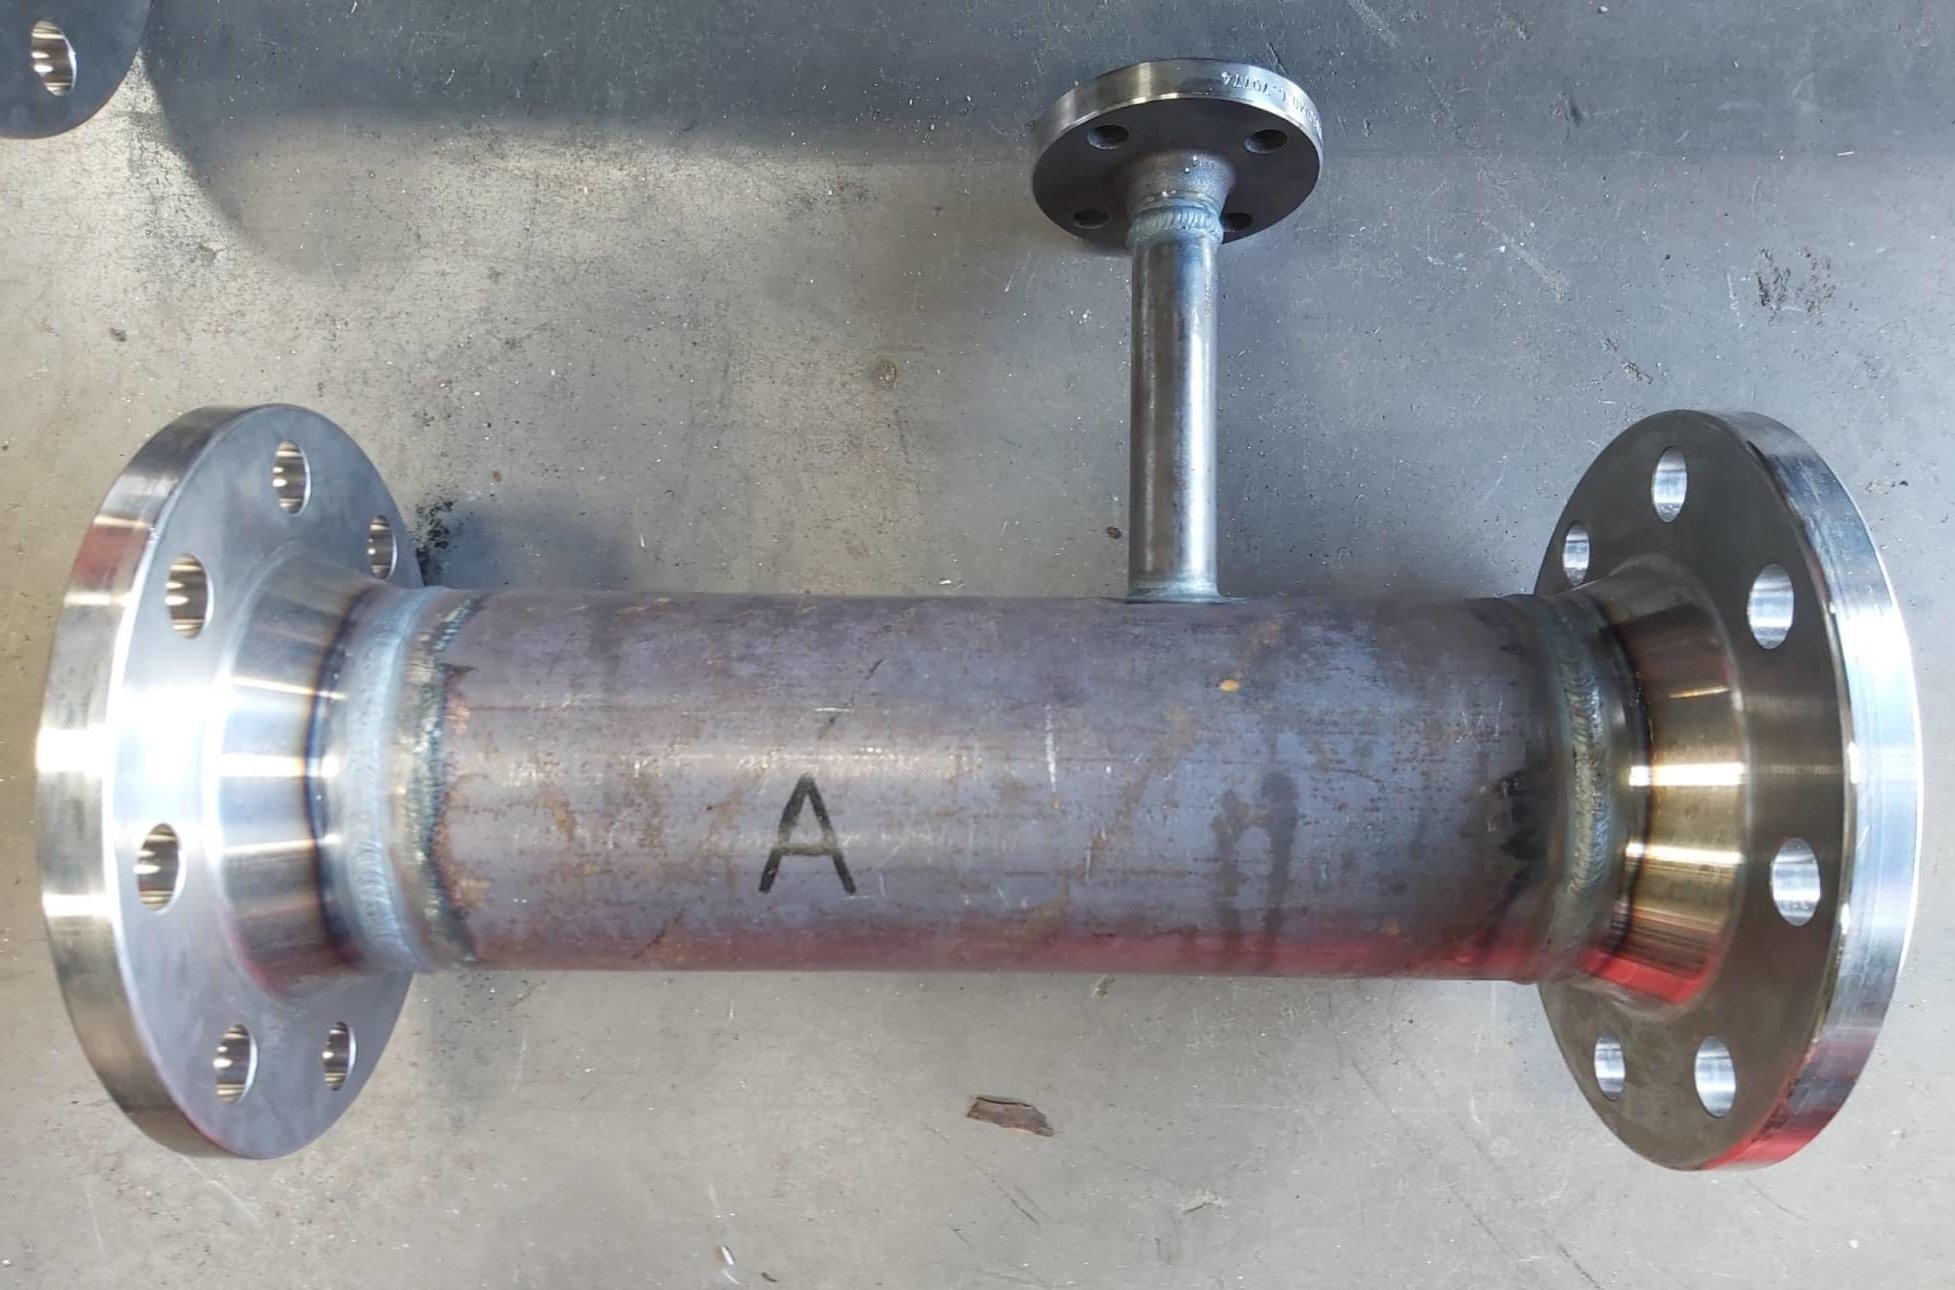 Etude et fabrication d'une machette en acier T10